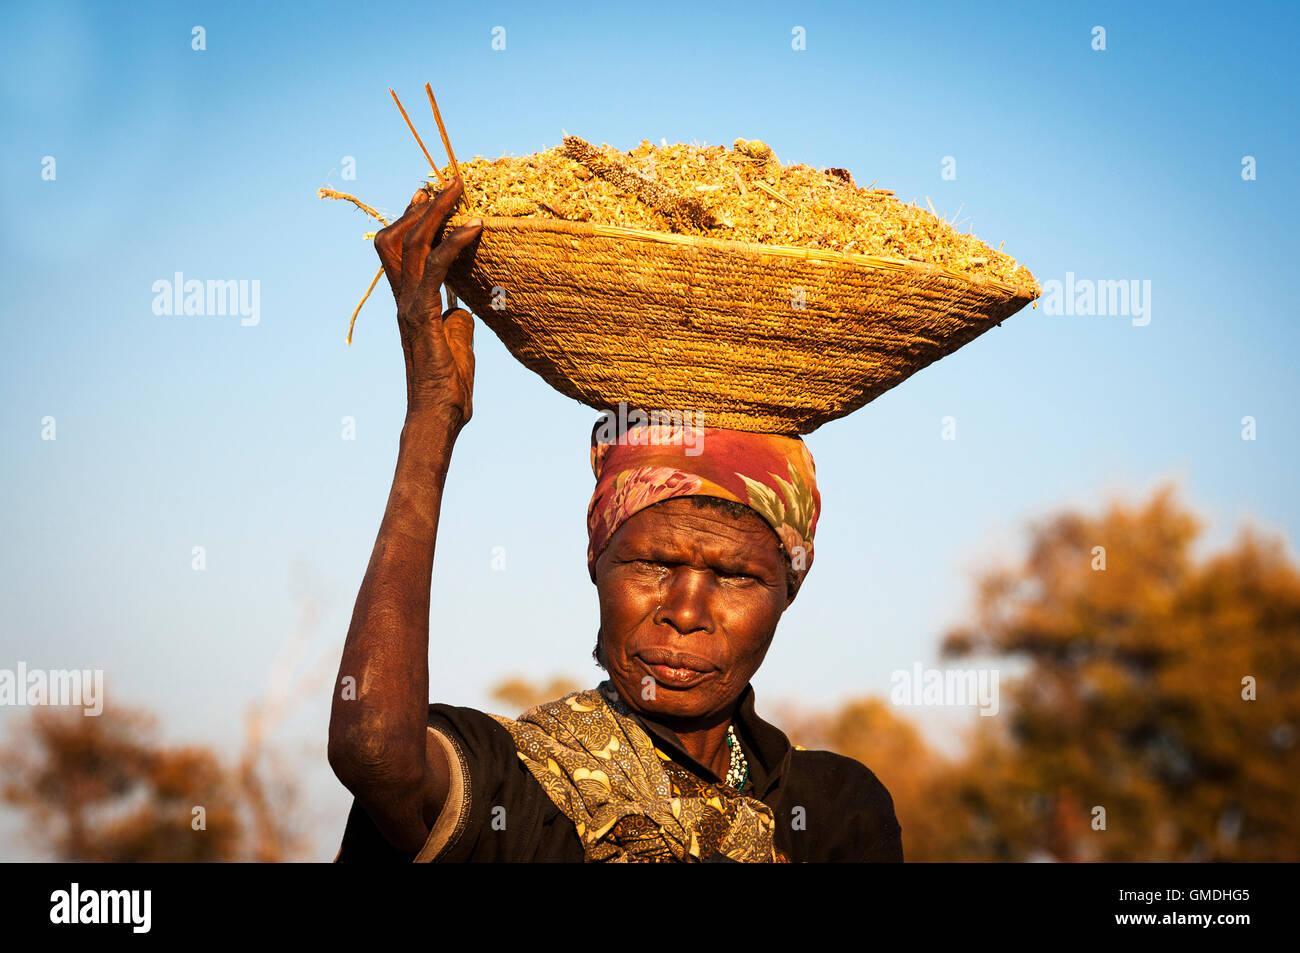 Caprivi Strip, Namibia - 20. August 2011: Afrikanerin Ausgleich einen Korb mit Getreide in ihrem Kopf in Namibia, Stockbild